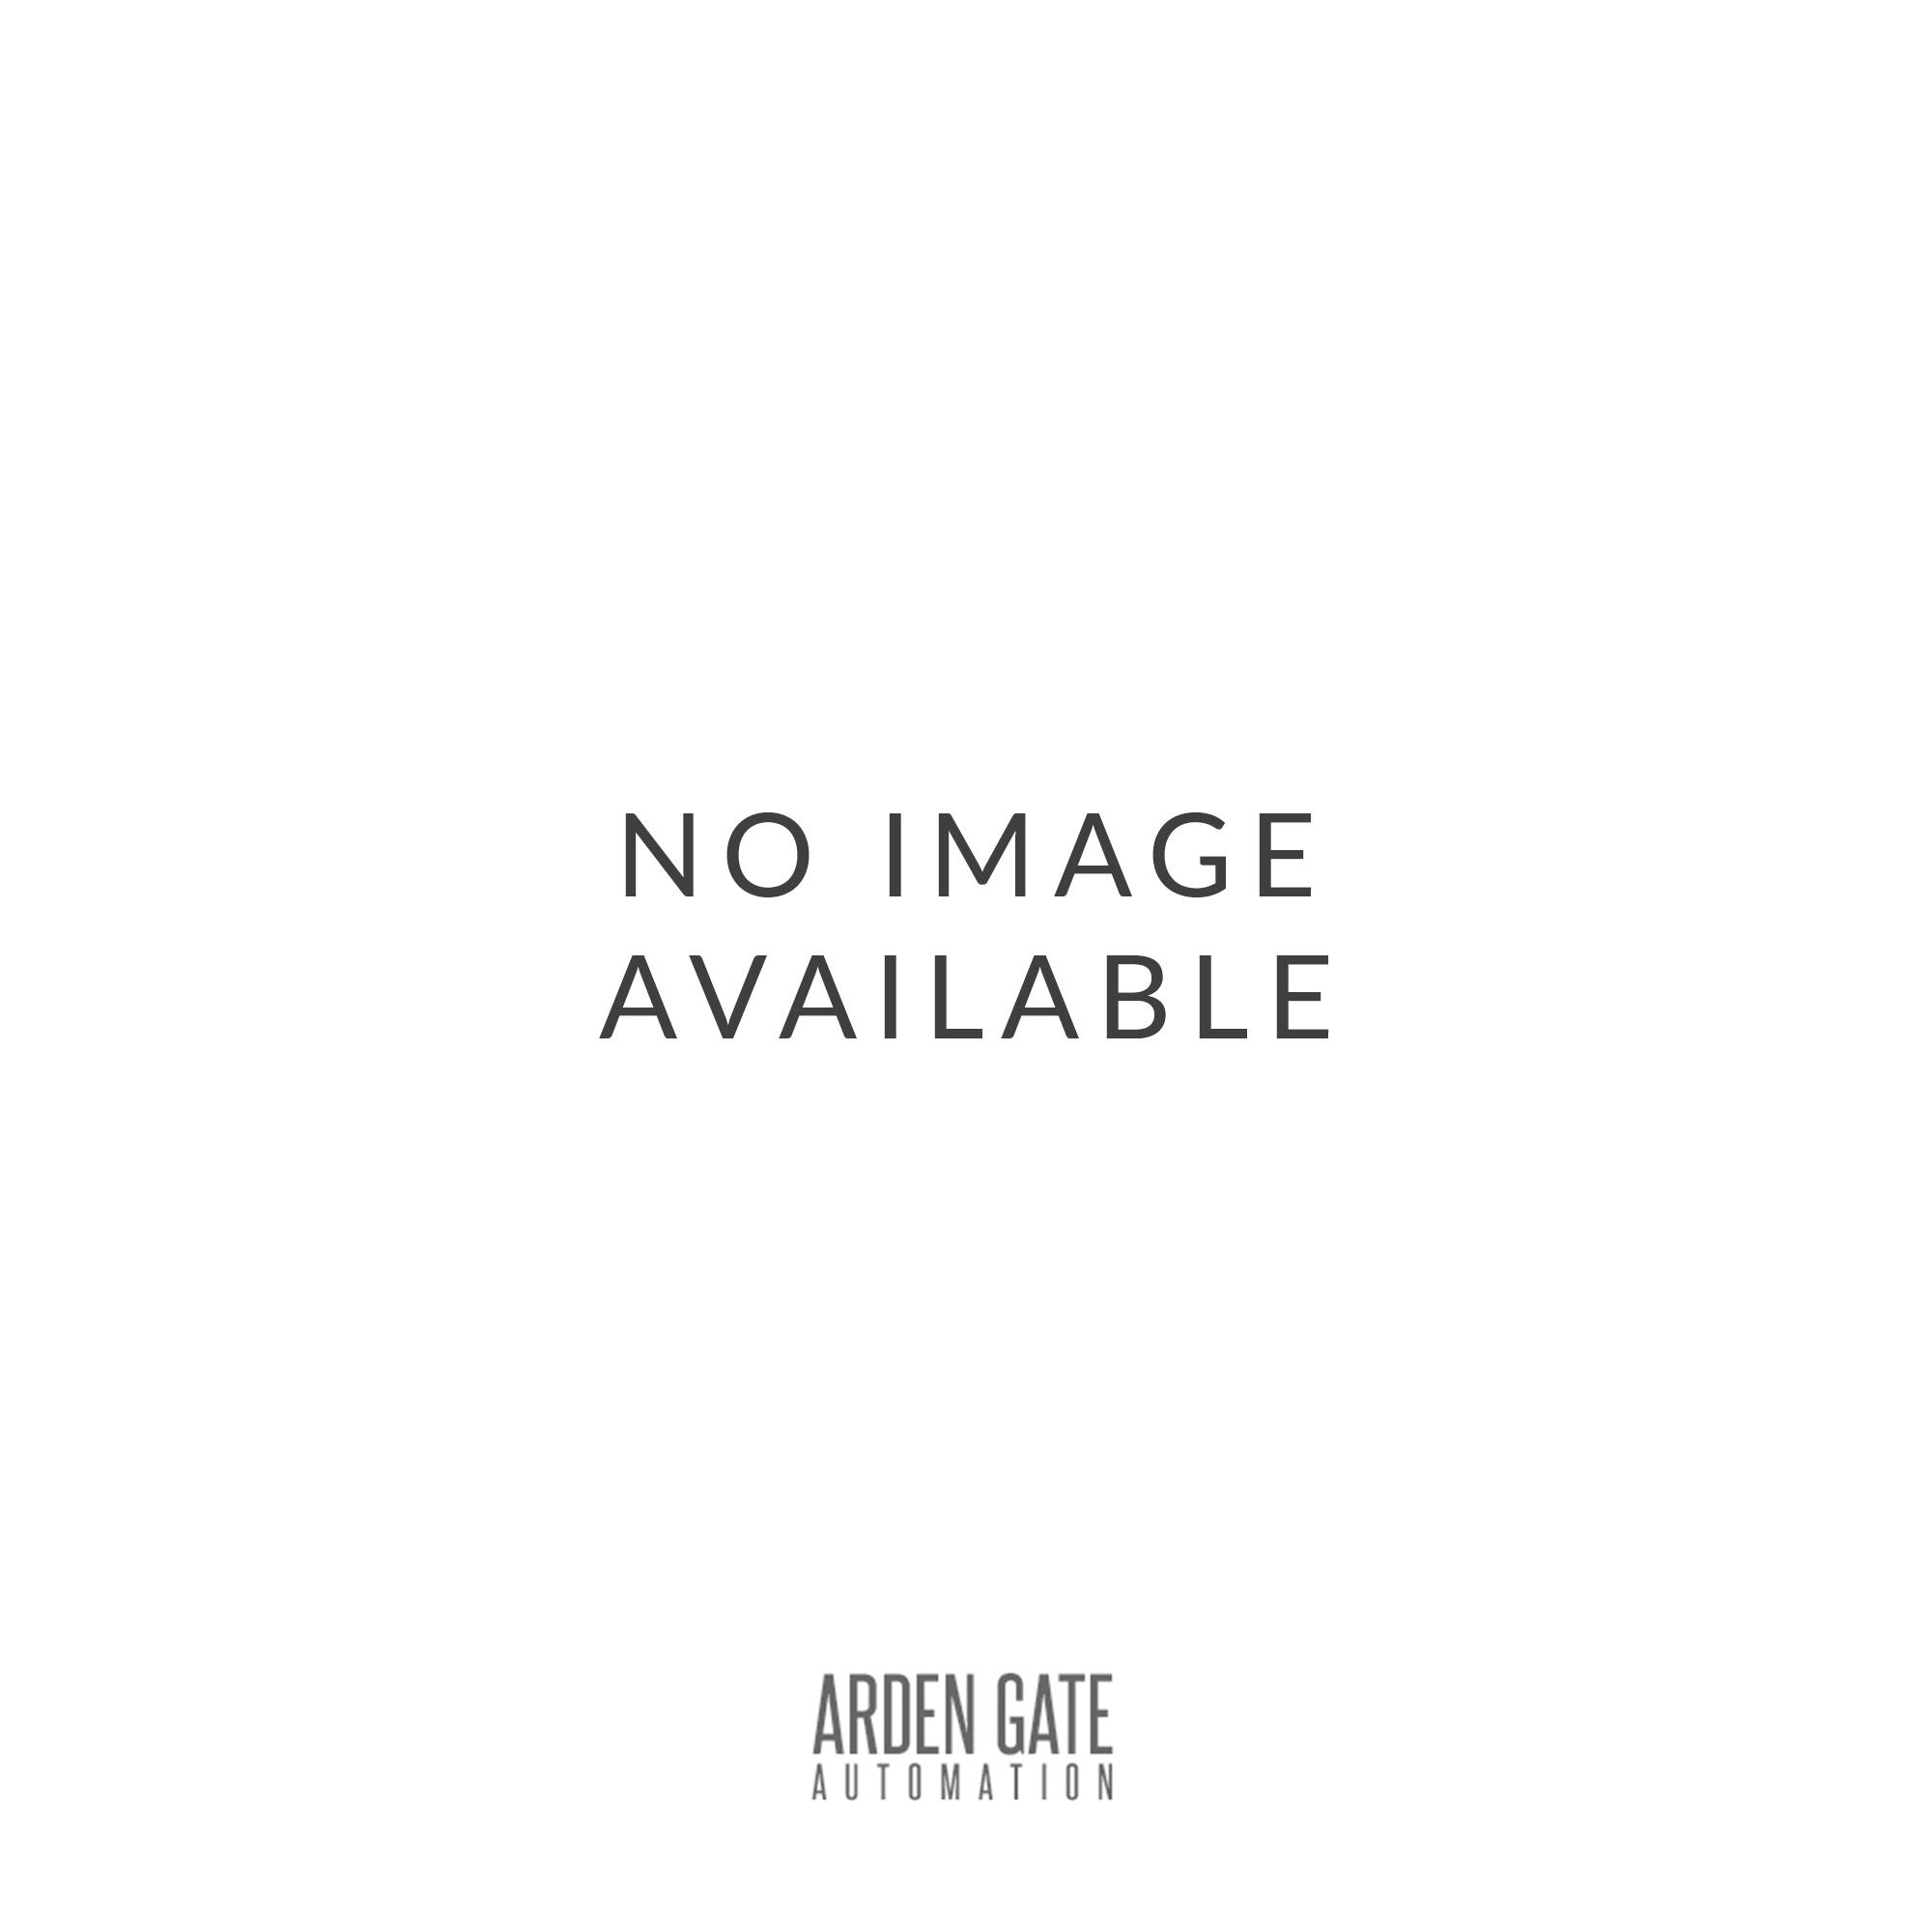 CDVI 20 Metre Adjustable Photocell - Vandal Resistant Case